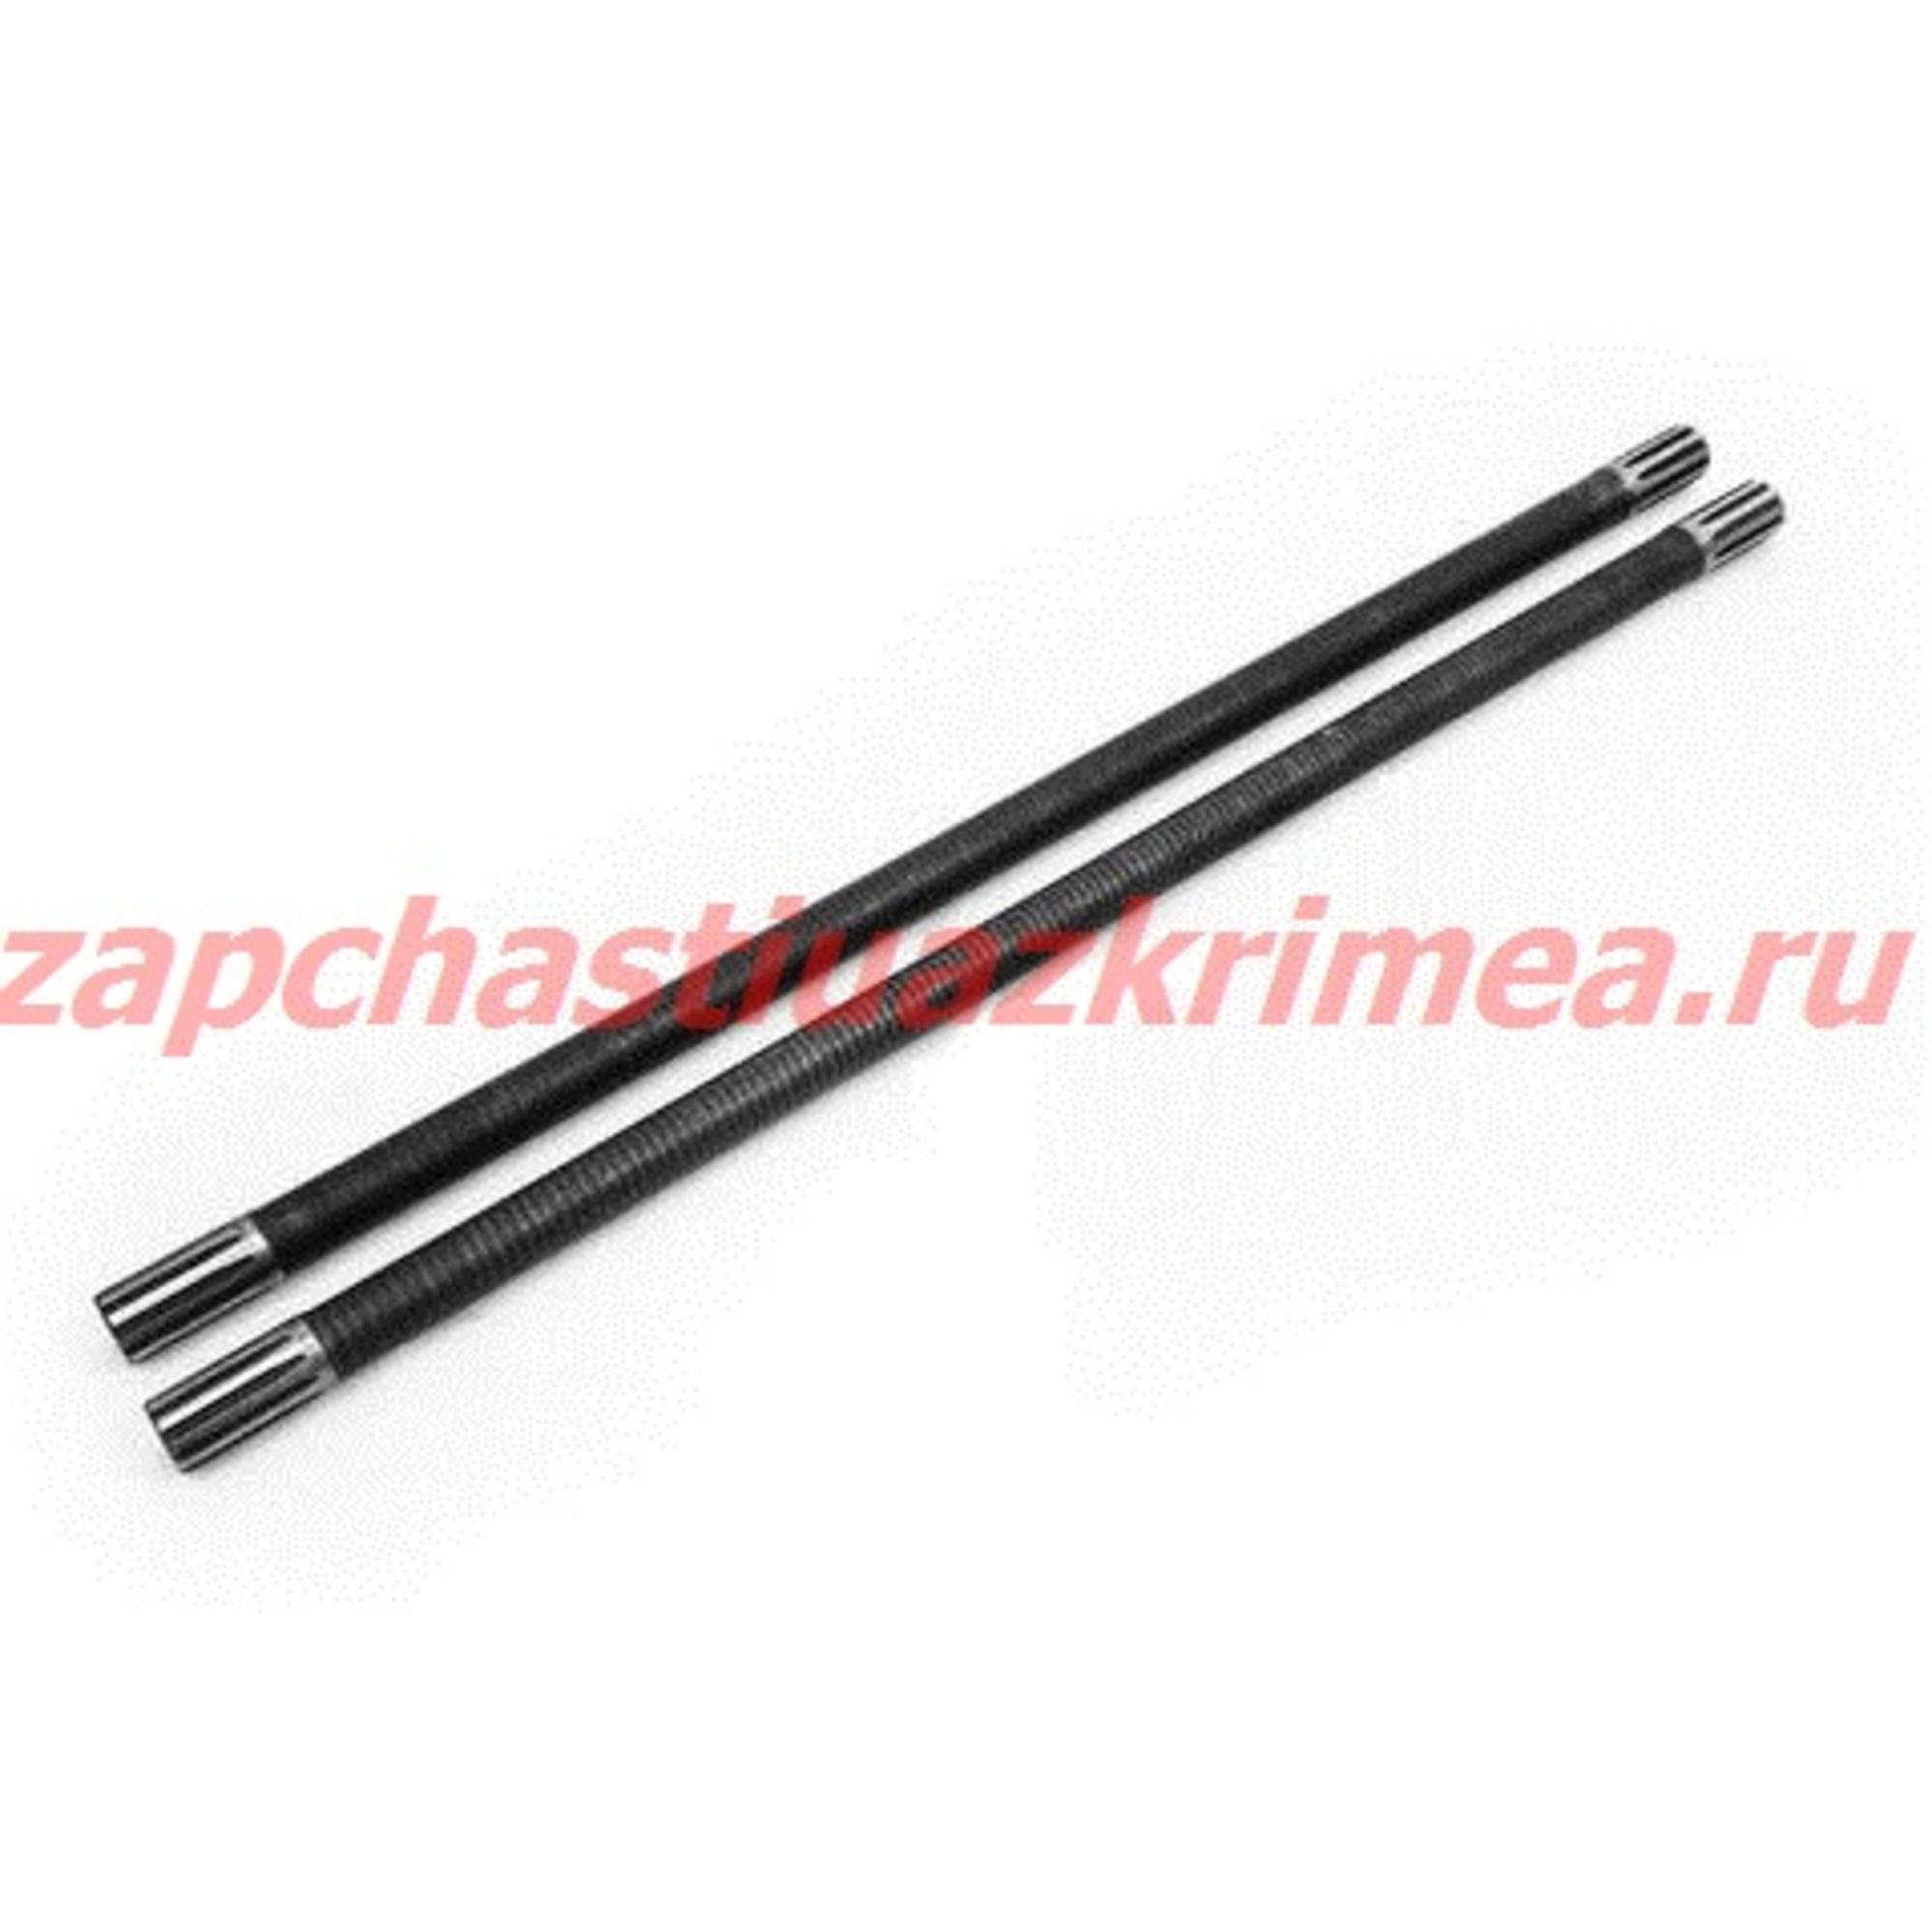 Комплект полуосей усиленных задний мост УАЗ 850/850 (Бронто)